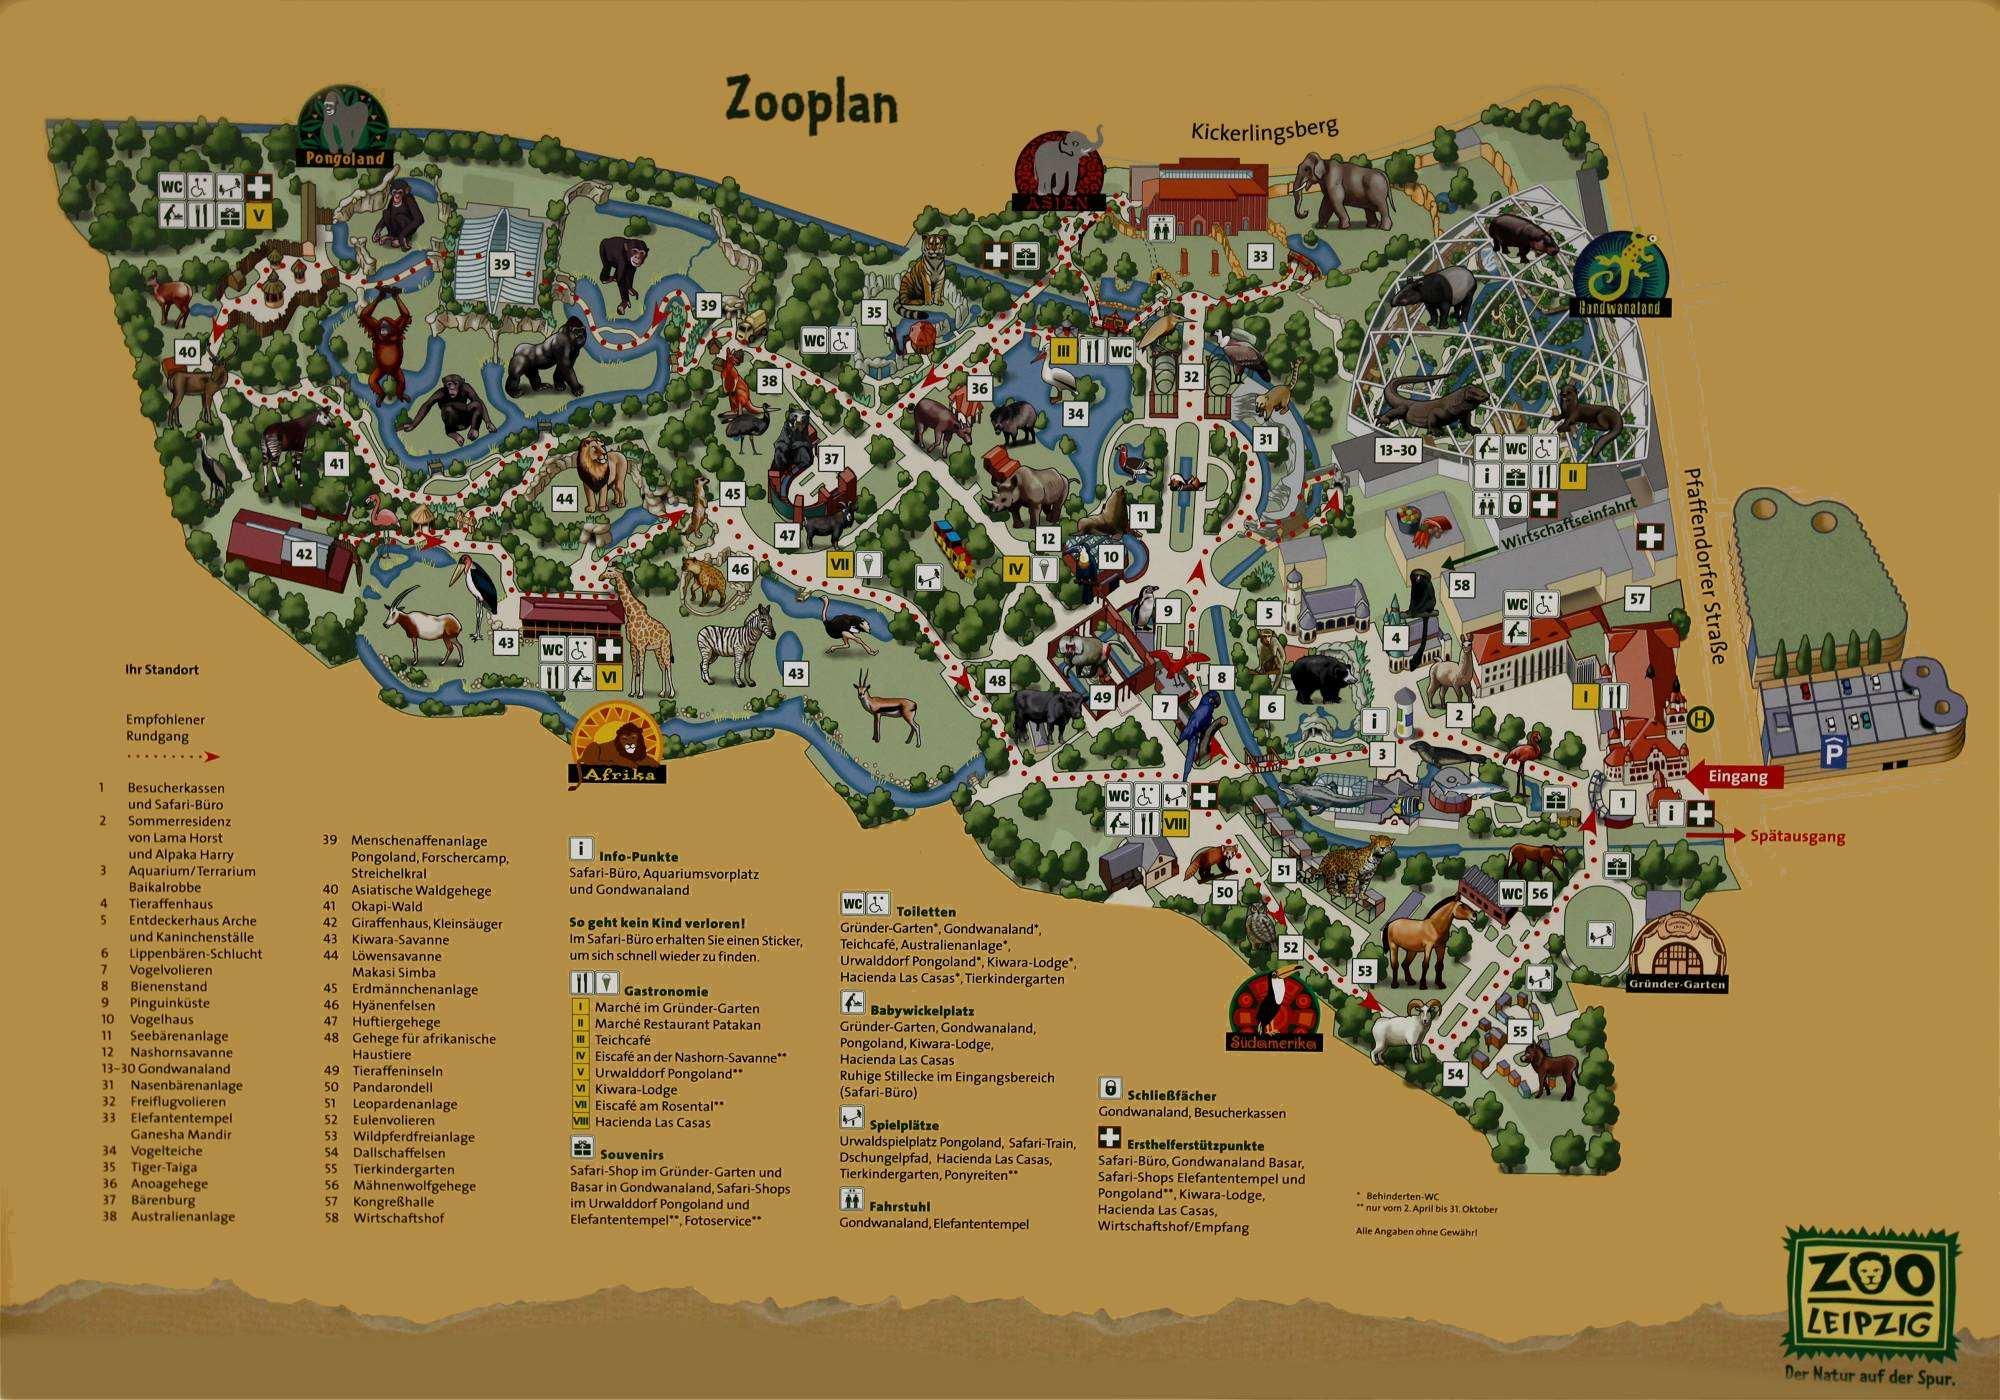 Zoo Leipzig Plan Welcome To Zoo Leipzig 2020 02 12